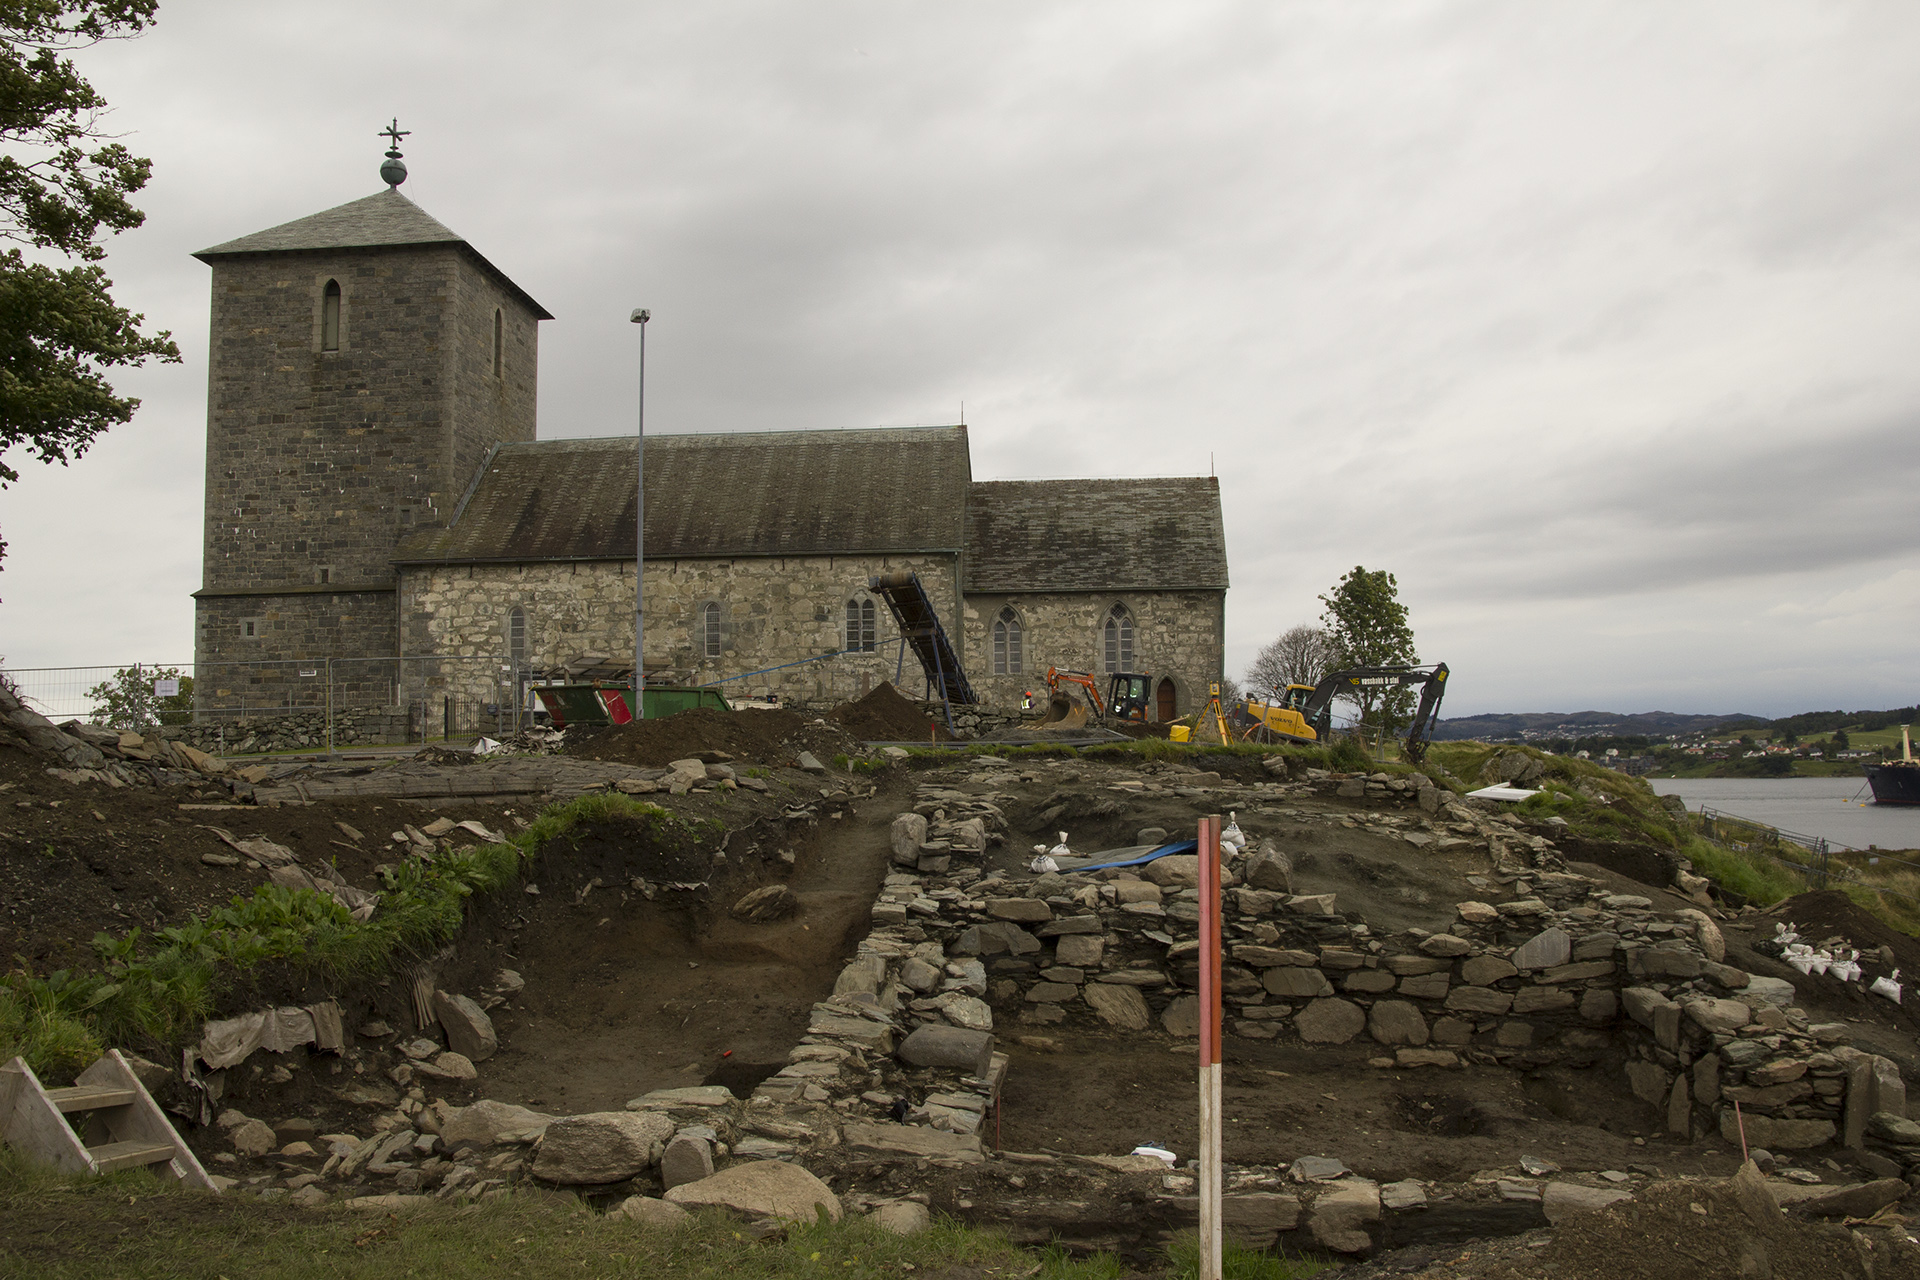 Bilde av ruinen av en kongsgård fra 1300-tallet funnet på Avaldsnes, Karmøy, ved siden av kirken. Foto: Karen Thommesen, Riksantikvaren